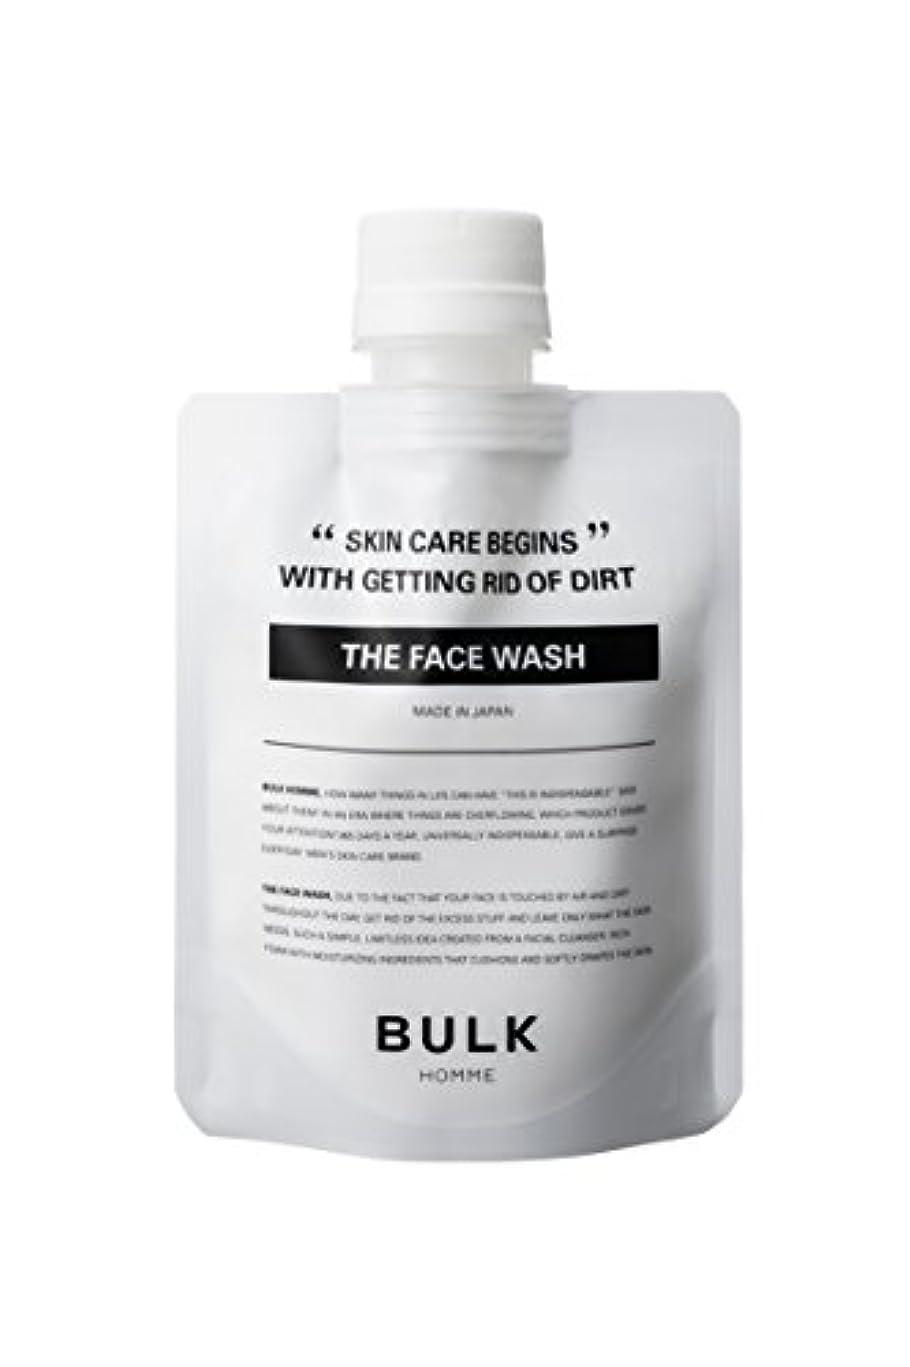 遊びます幸福好きであるバルクオム (BULK HOMME) BULK HOMME THE FACE WASH 洗顔料 単品 100g